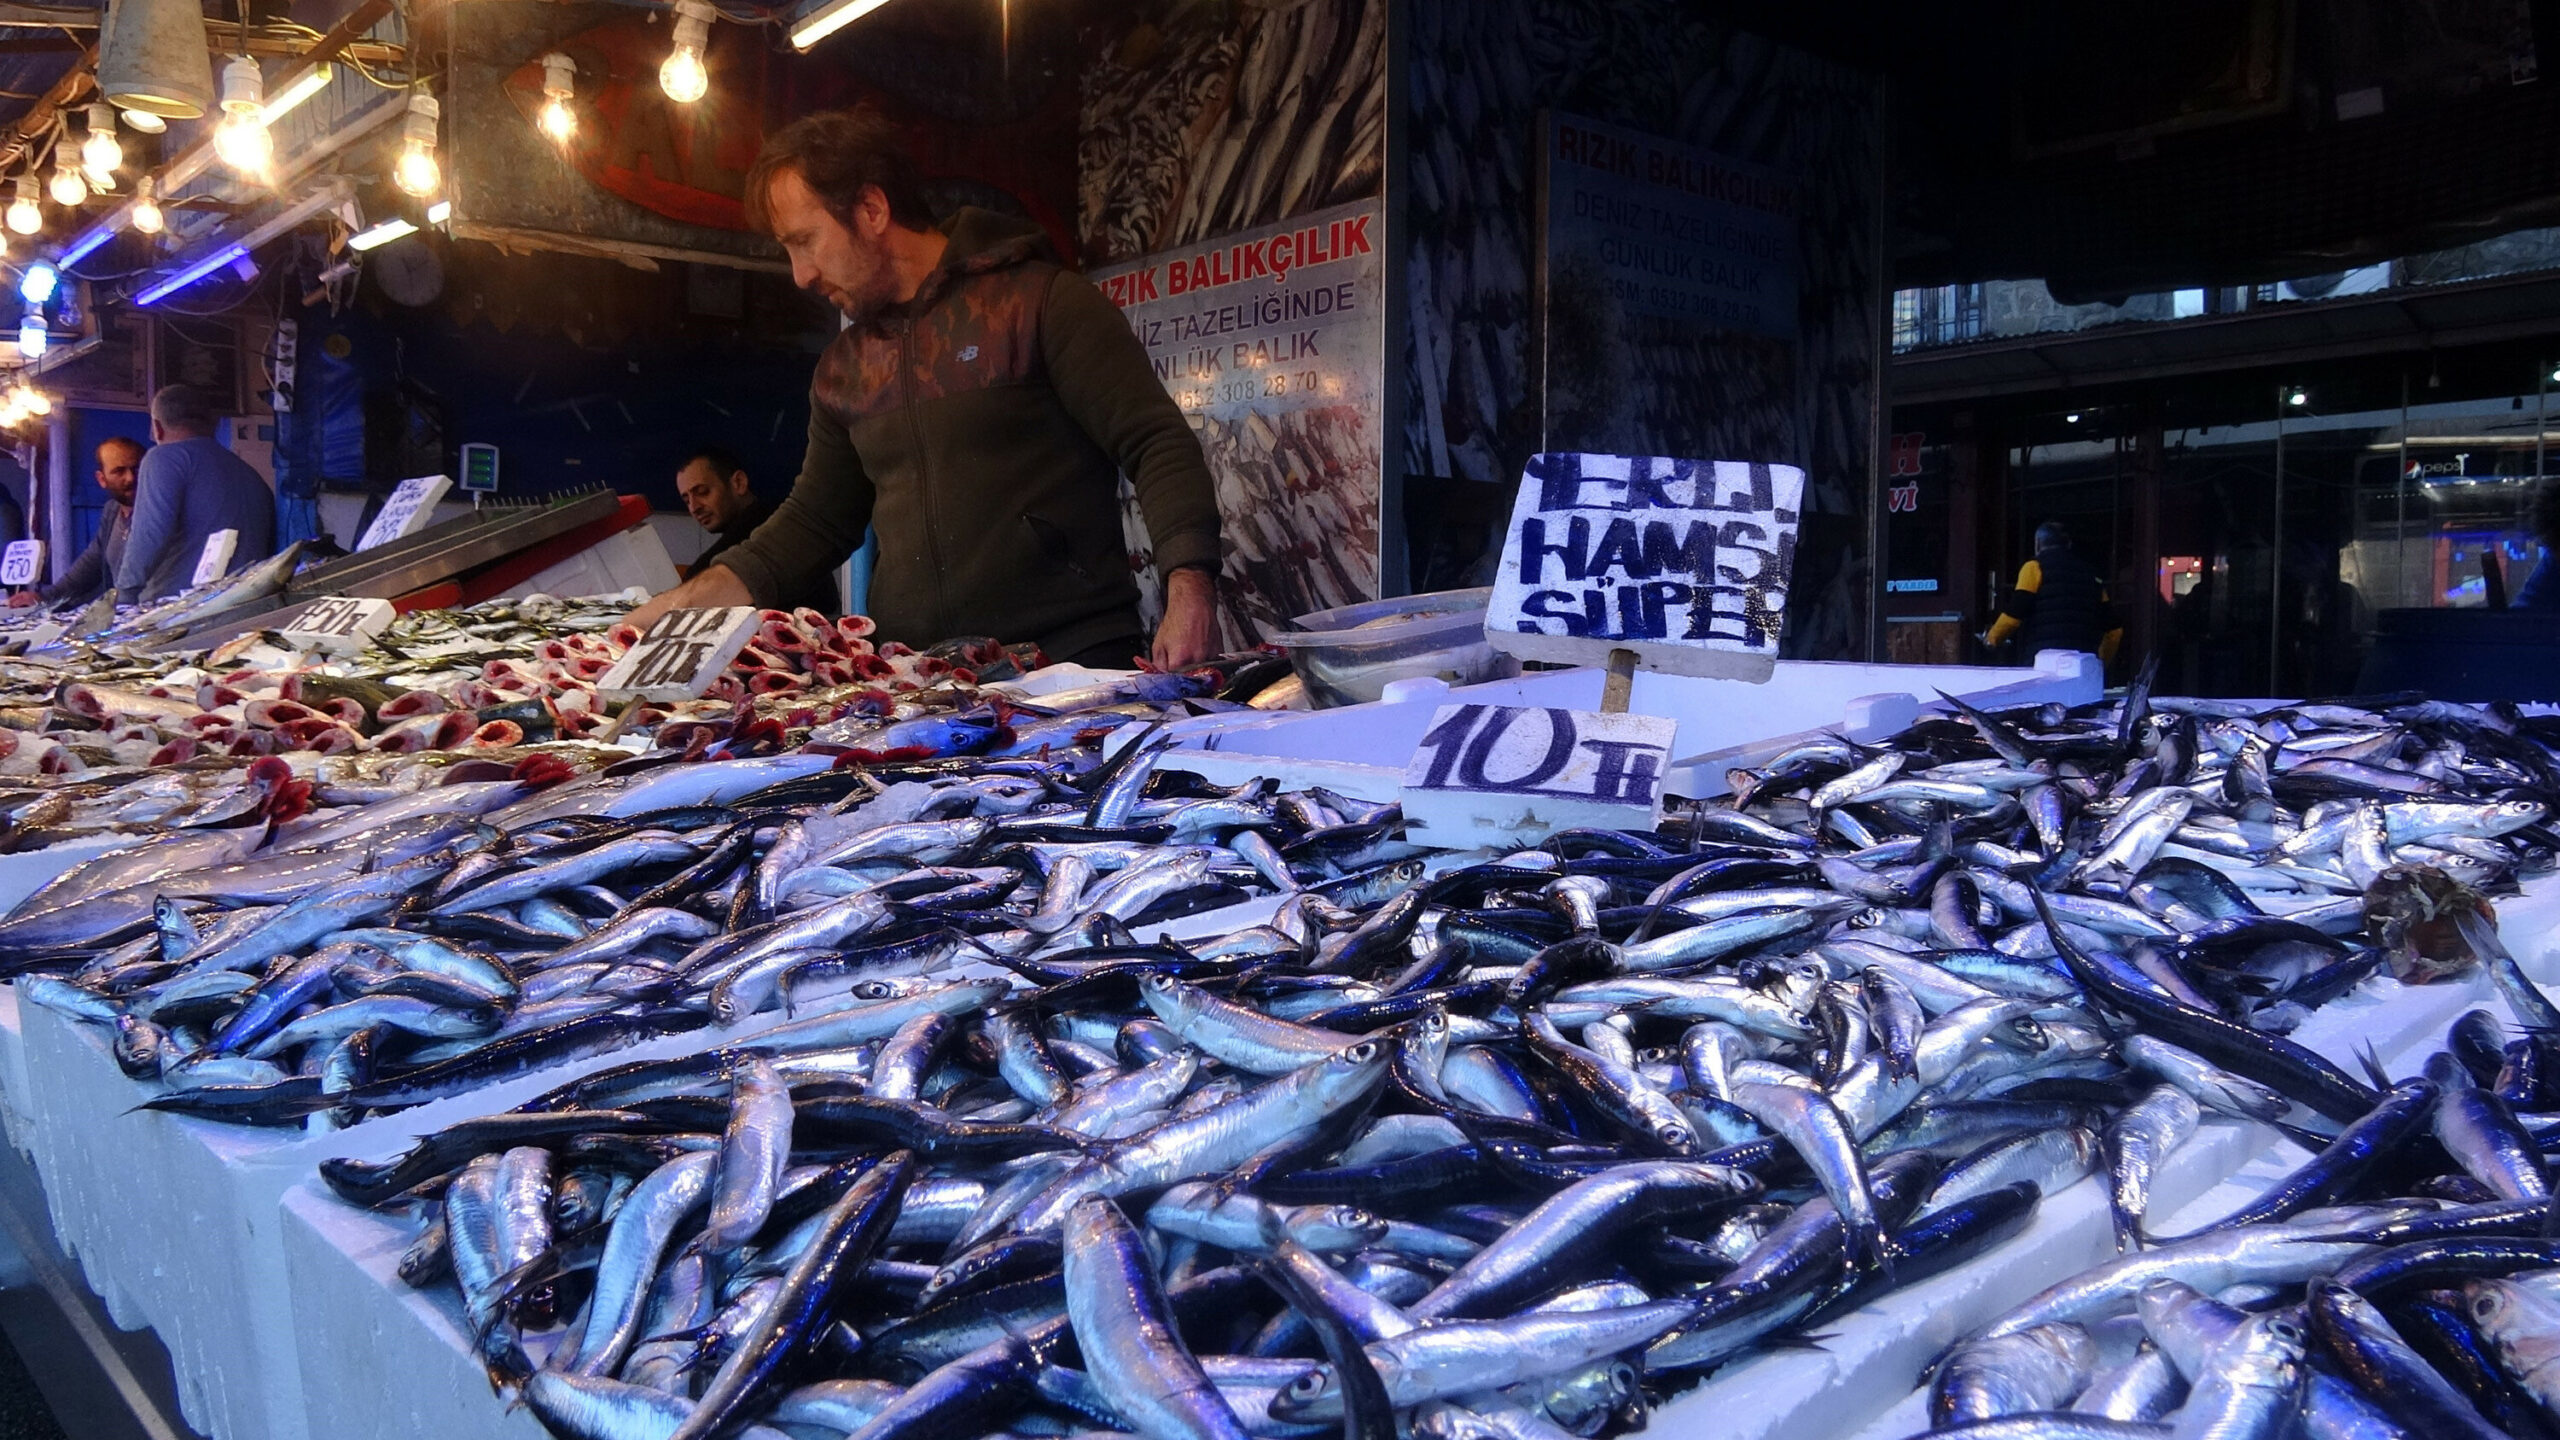 Mevsimi geliyor! Balık yiyecek miyiz?